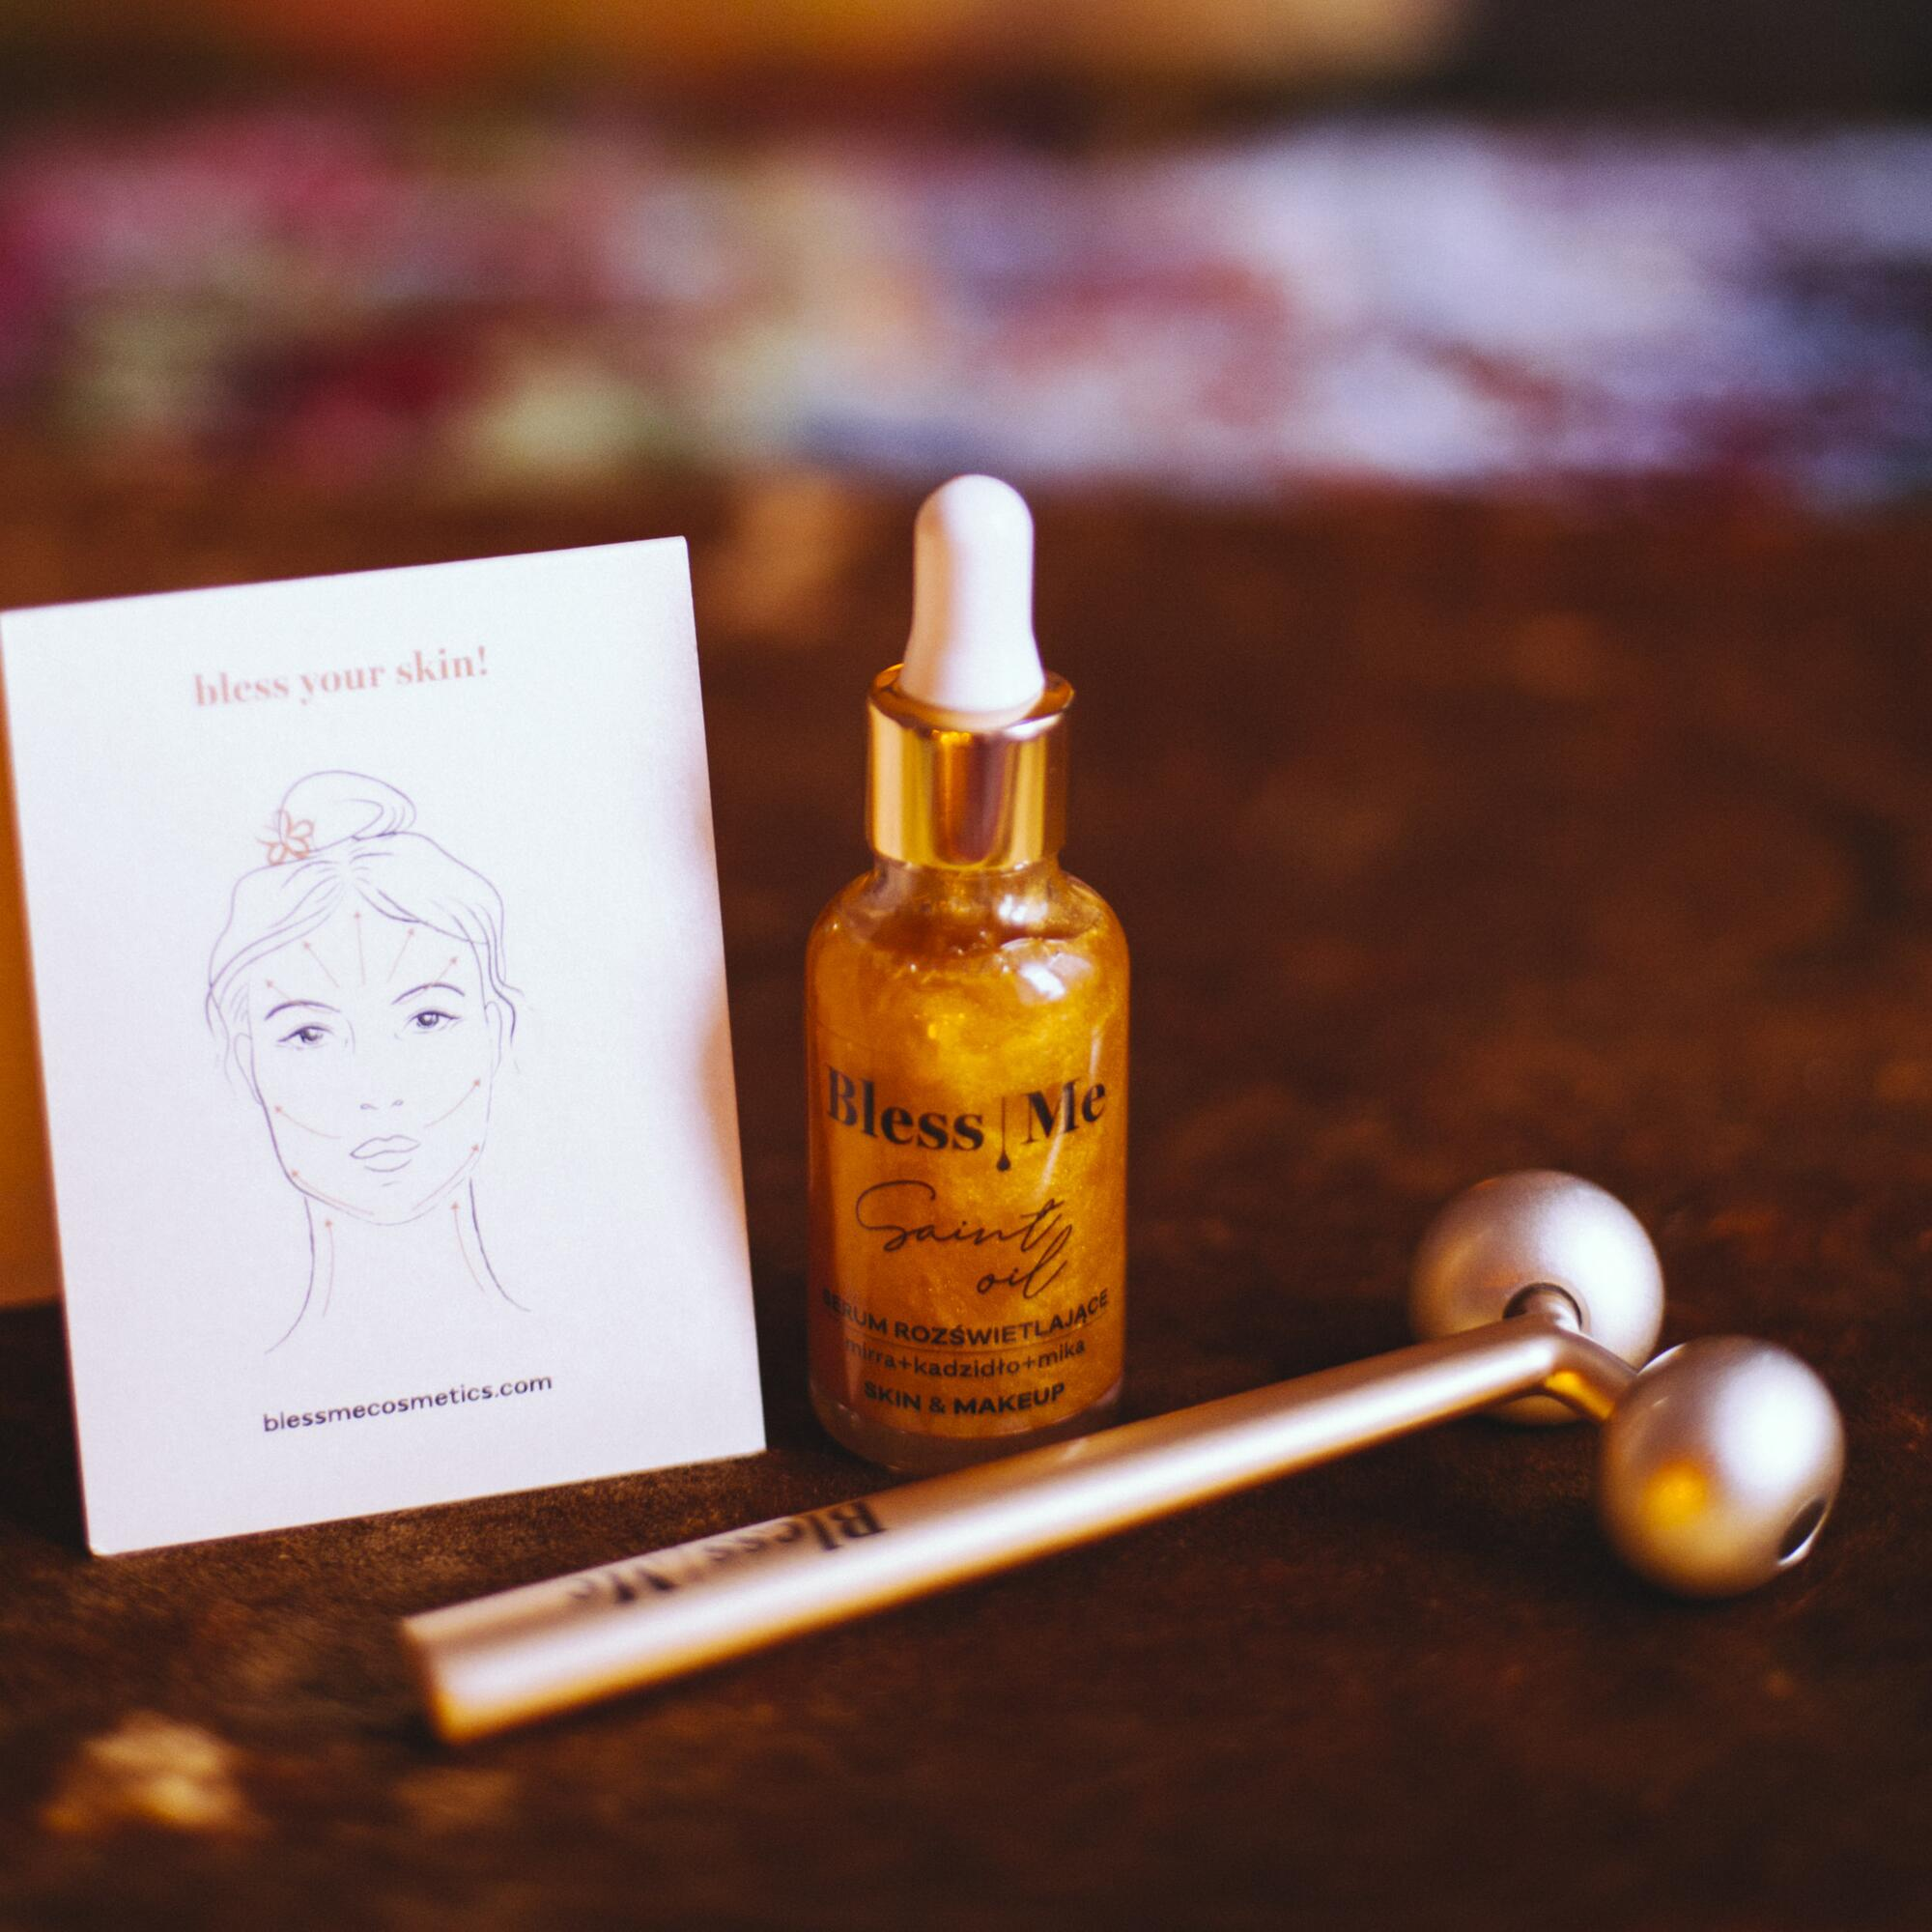 Zestaw: Serum Rozświetlające Saint Oil 30 ml SKIN & MAKE UP i Roller Liftingujący PRO - Bless Me Cosmetics | JestemSlow.pl